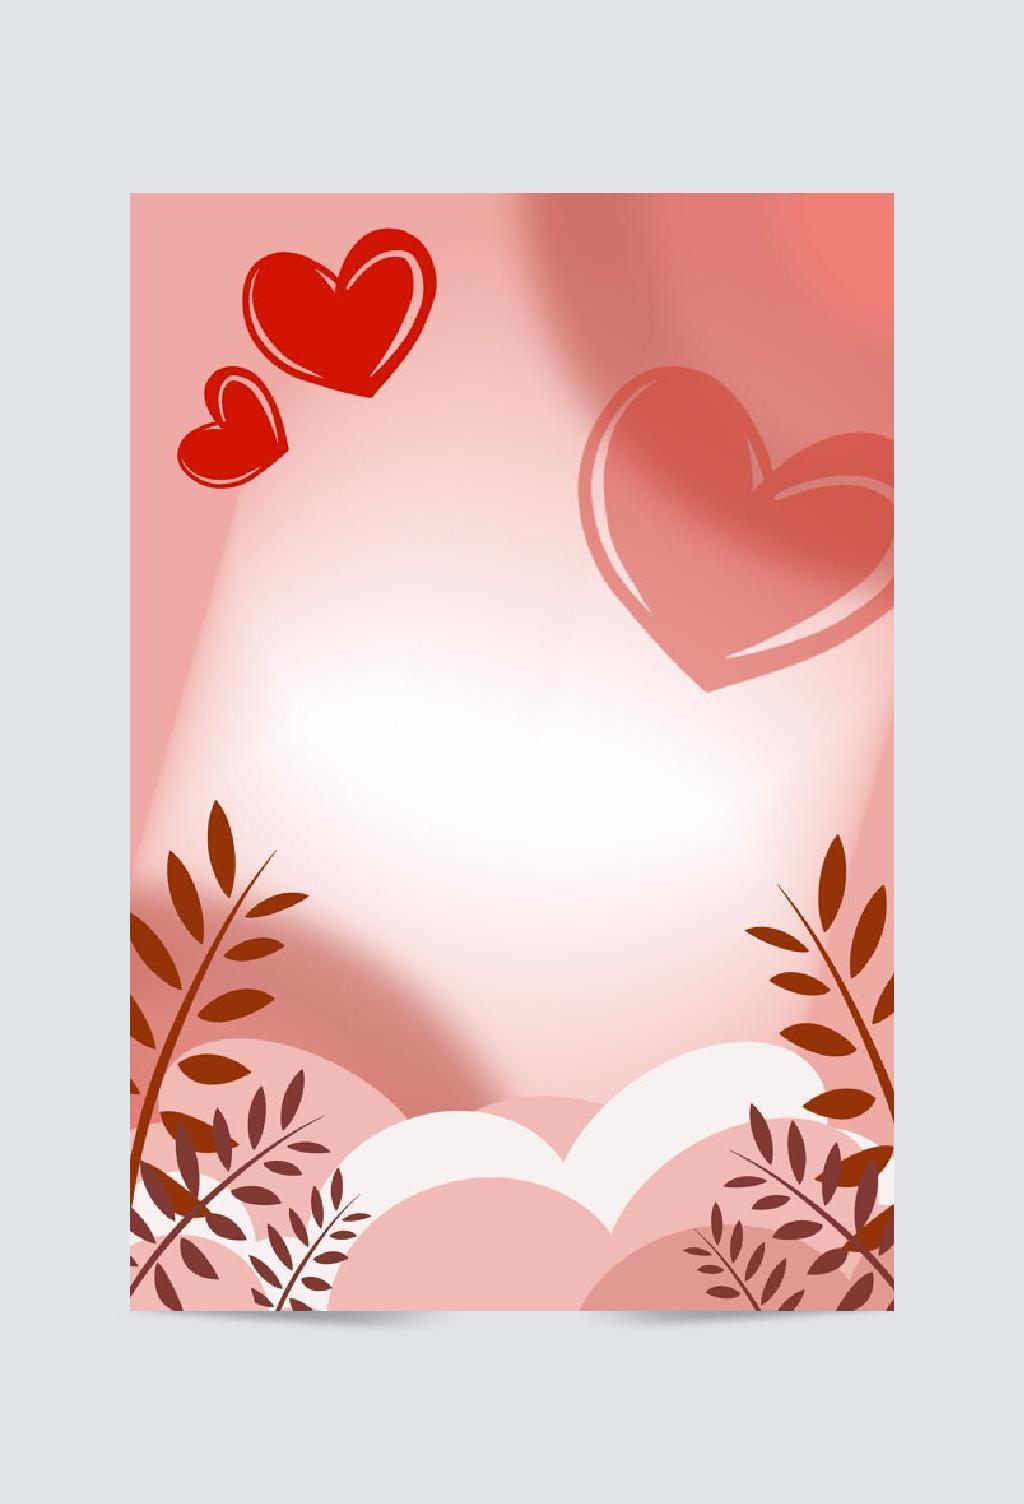 原创手绘红色情人节背景素材